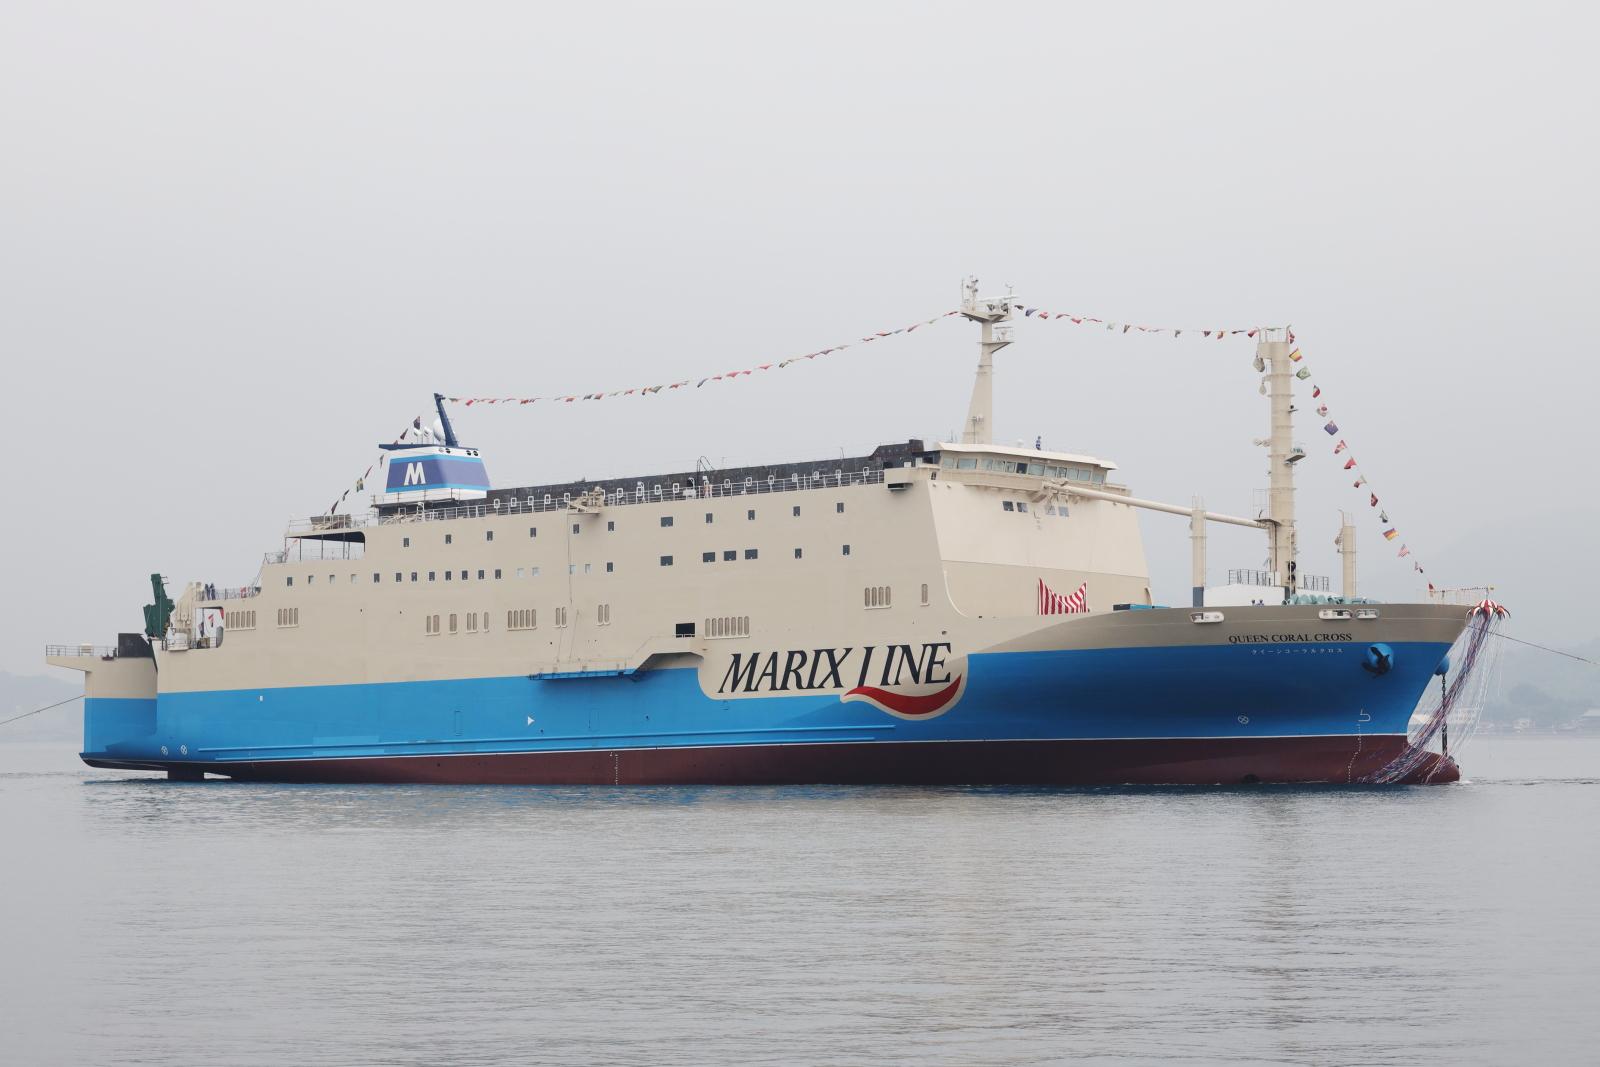 新造船「クイーンコーラルクロス」命名・進水式実施について